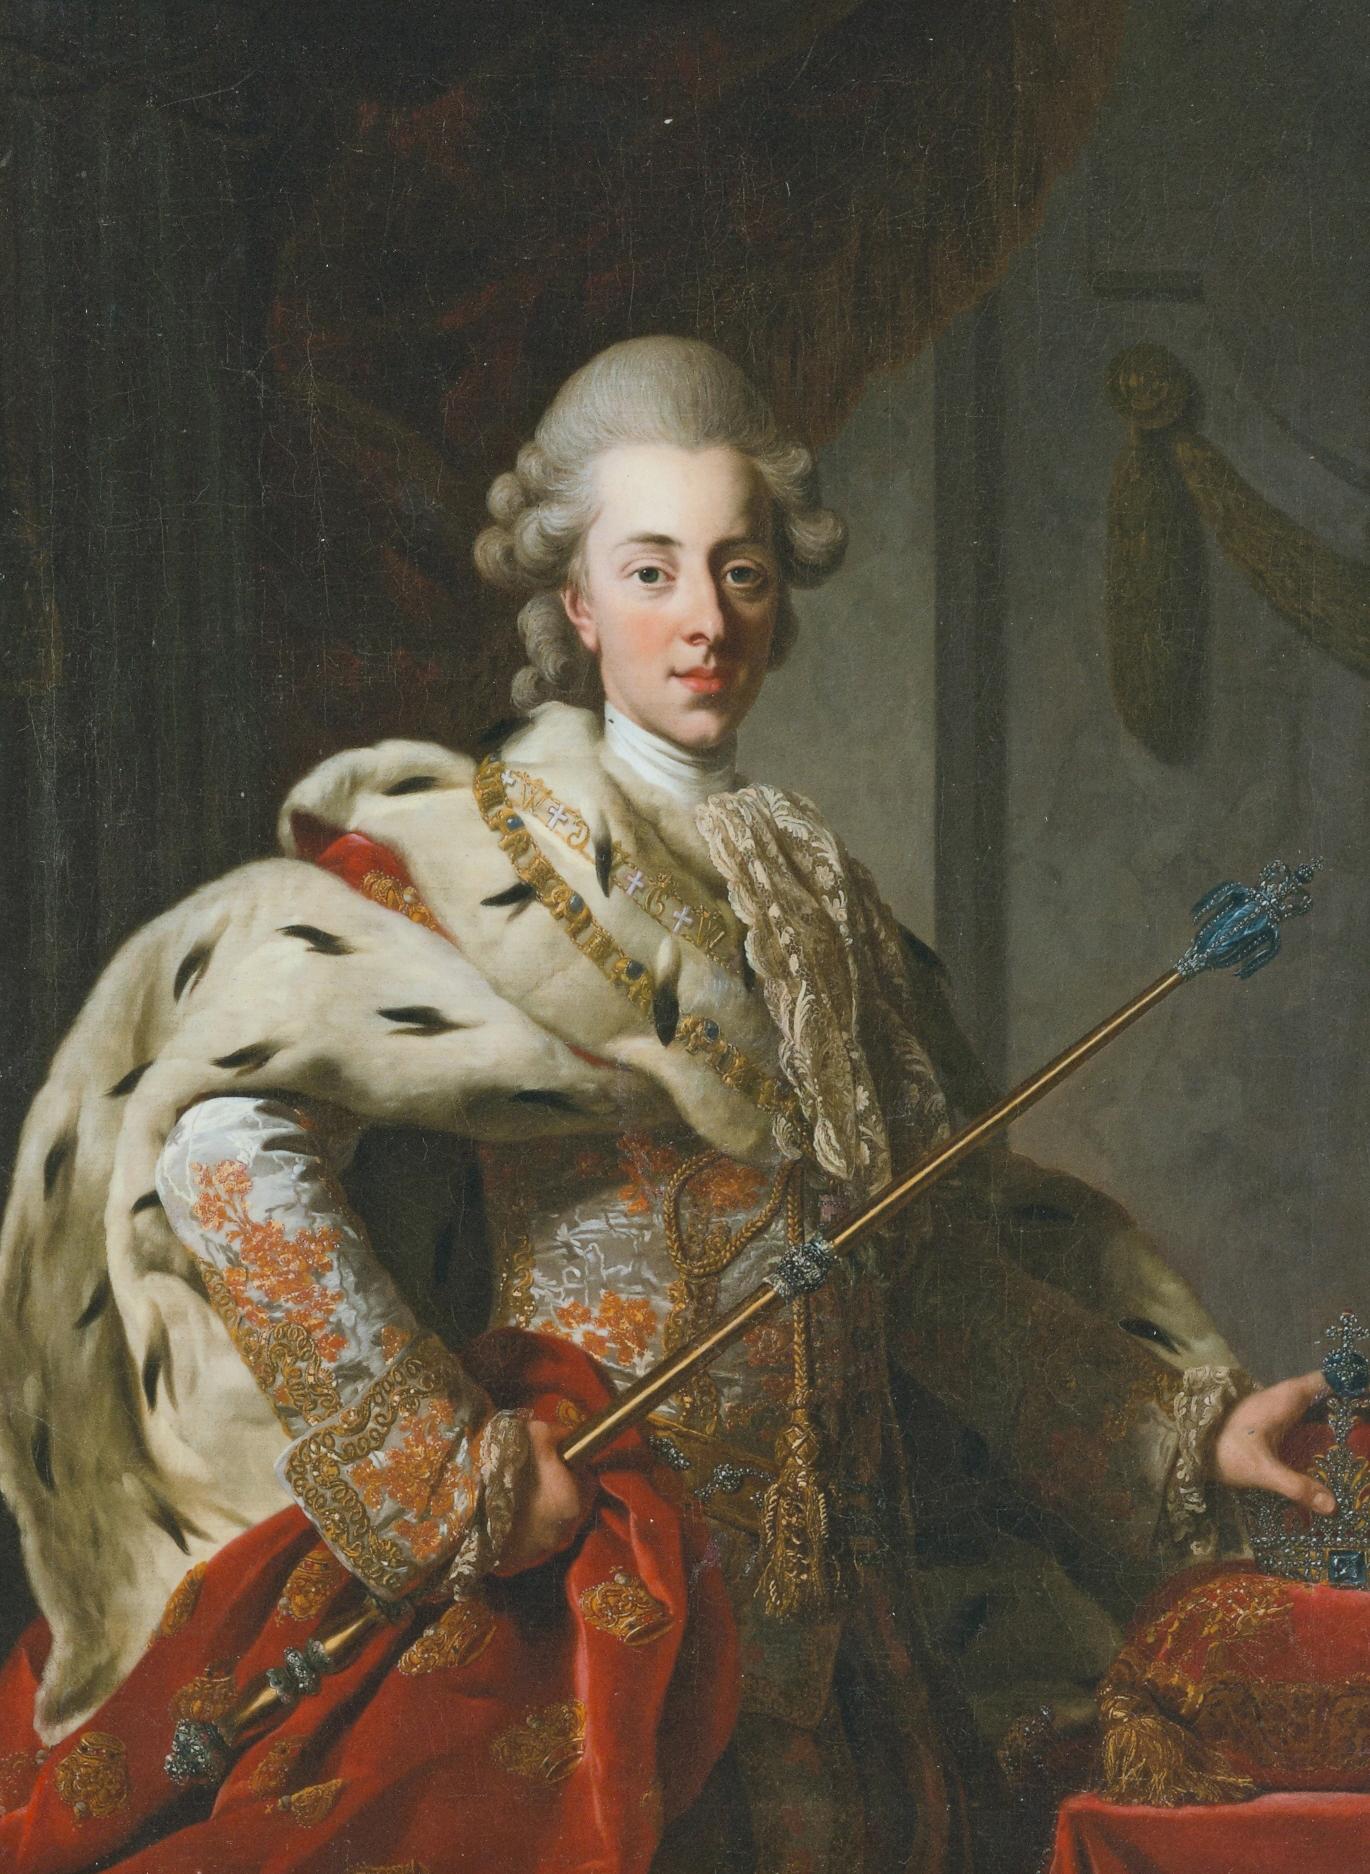 Christian_VII_1772_by_Roslin